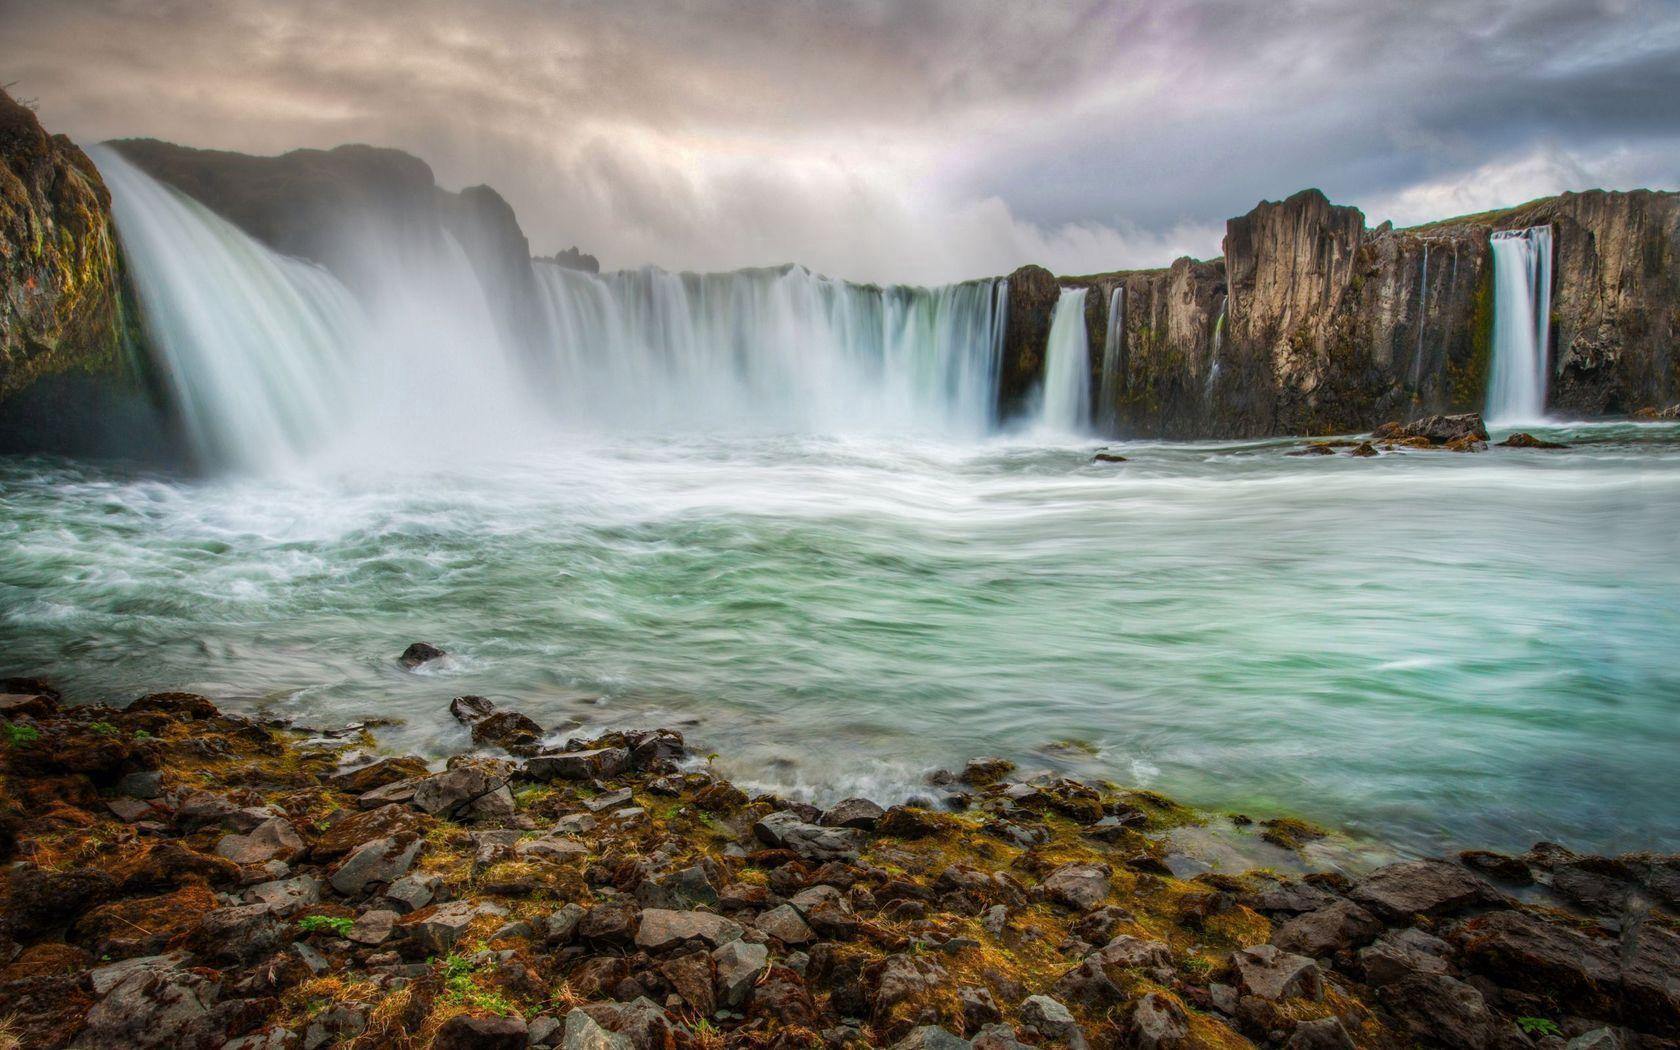 119165 Hintergrundbild herunterladen Wasserfälle, Natur, Stones, Felsen, Die Steine, Hauptsächlich Bewölkt, Bedeckt, Island, Streams, Fließt - Bildschirmschoner und Bilder kostenlos